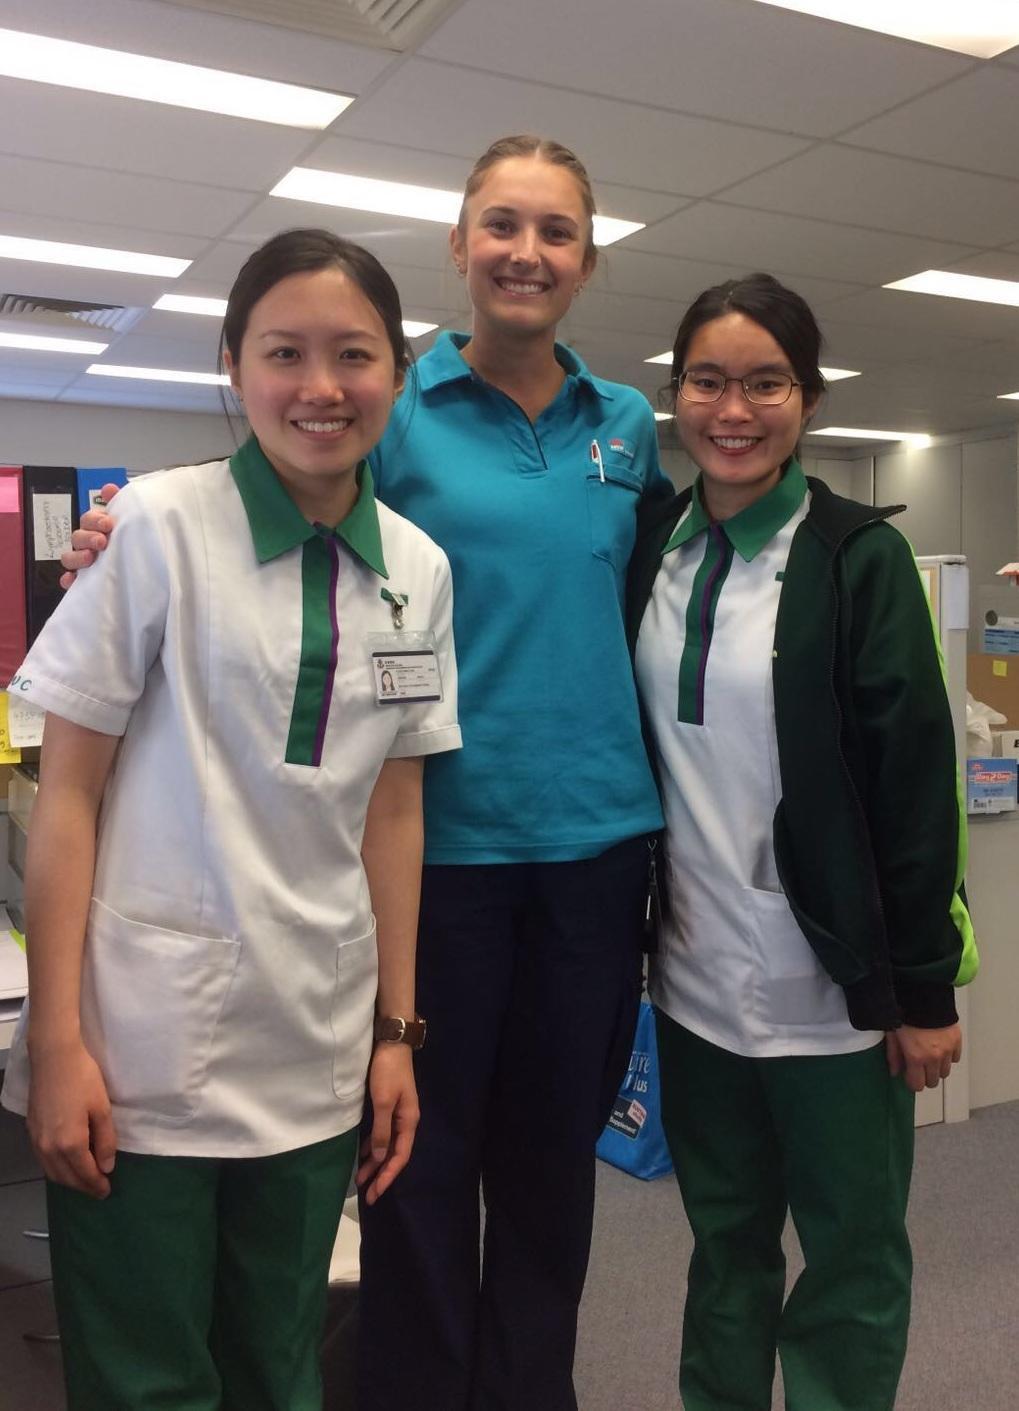 馮明慧 (Winkie,左一)在學院安排下到澳洲的醫院實習